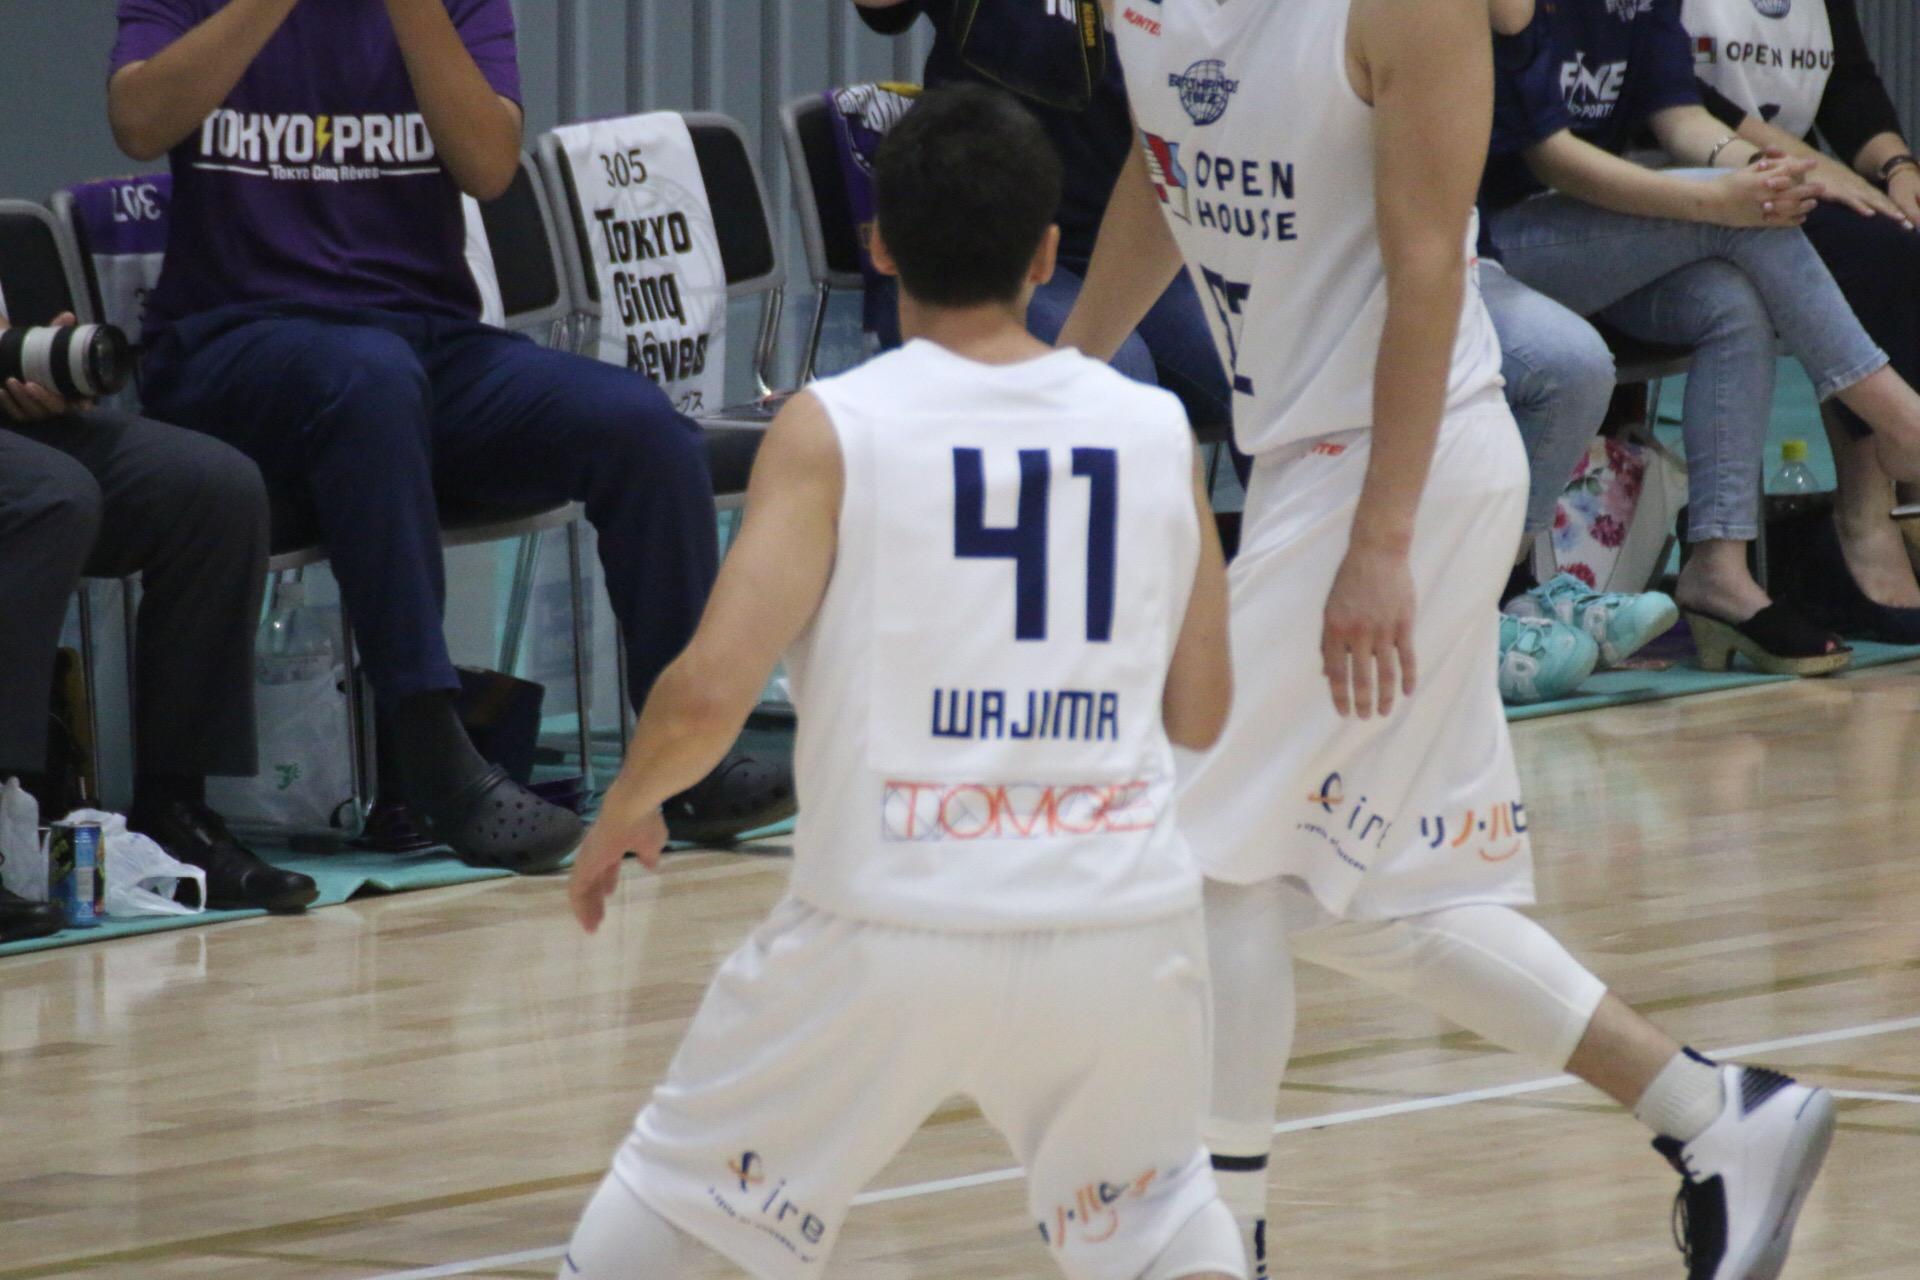 Bリーグ輪島射矢を追いかけて ~開幕直前スペシャルNo.2~